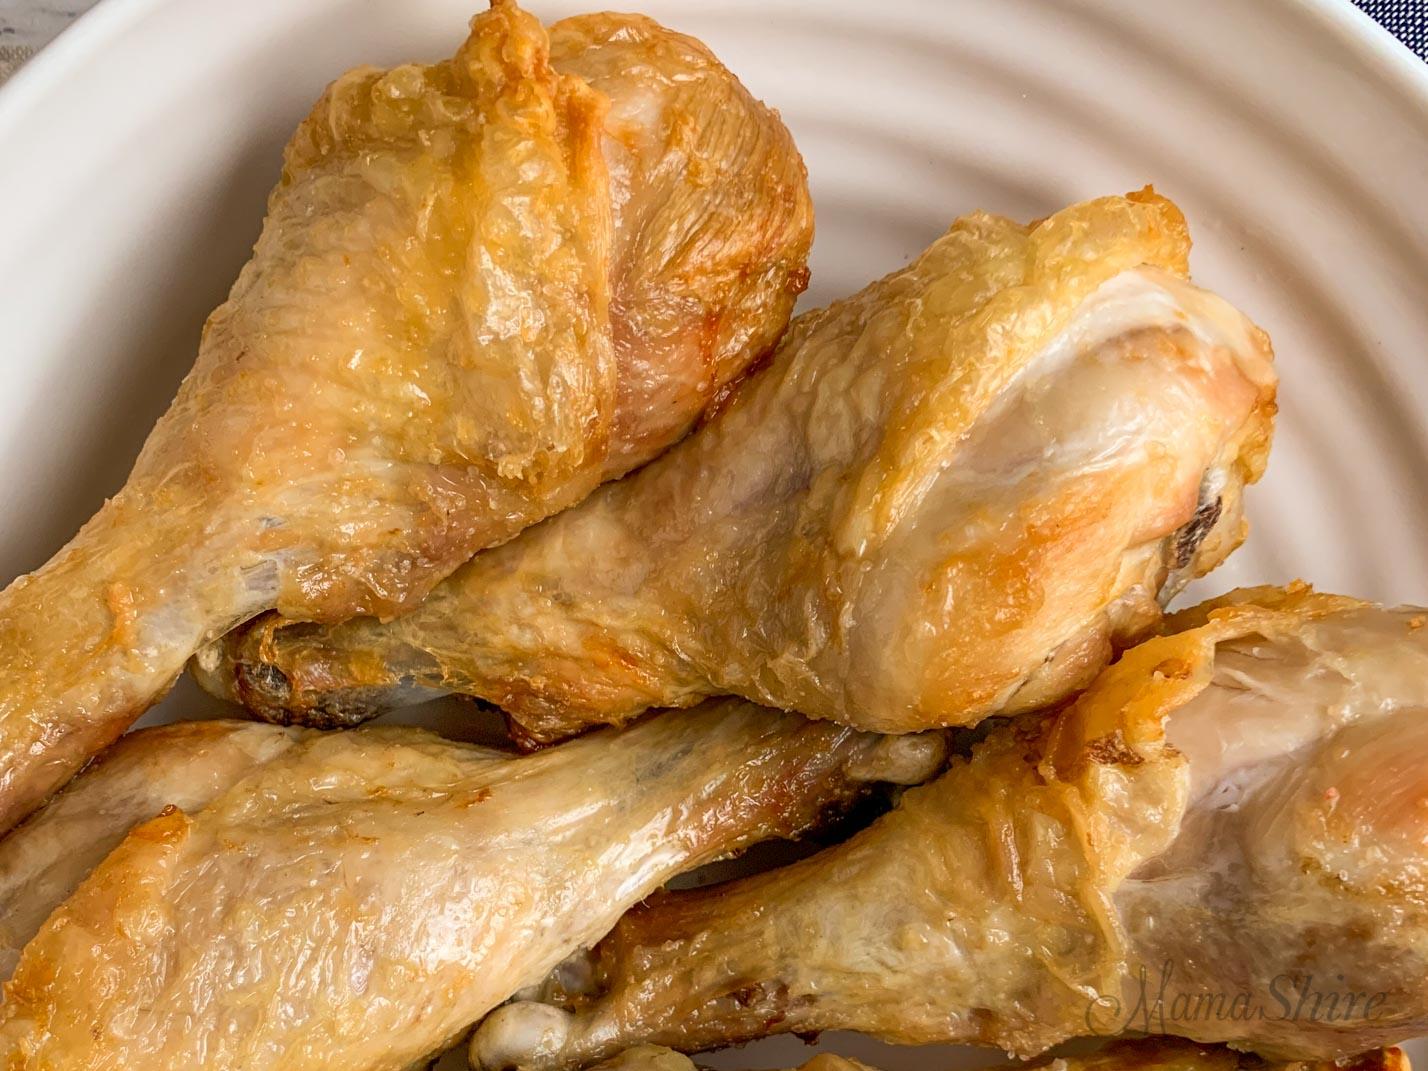 Gluten-free air fryer chicken legs with crispy skin.